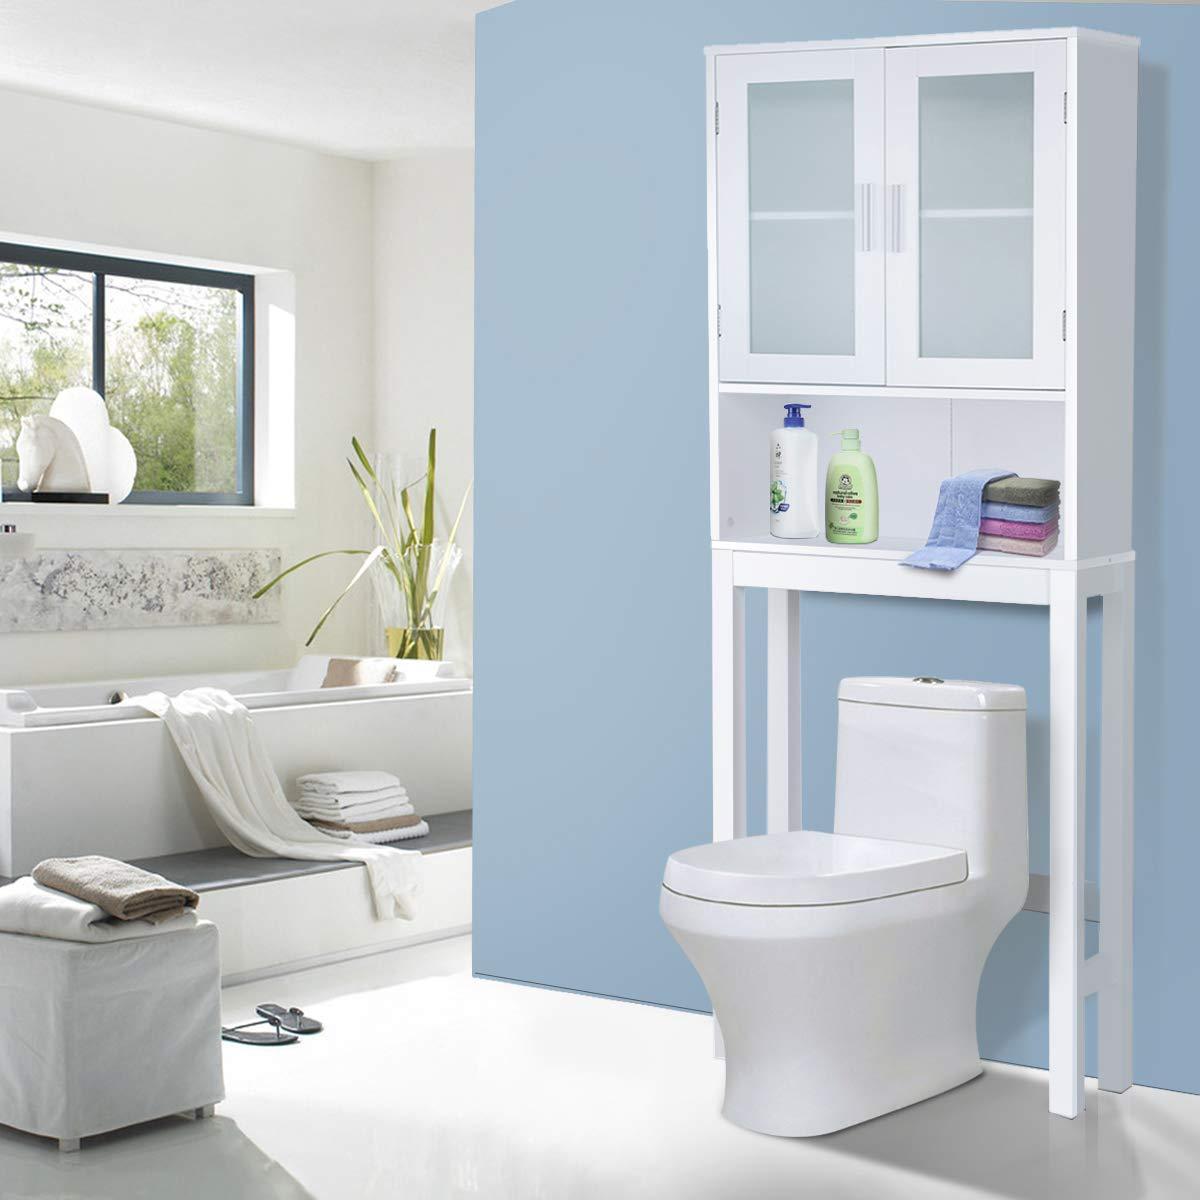 Bianco DREAMADE Mobile Scaffale sopra Toilette Armadio Alto per Lavatrice da Bagno in MDP Salvaspazio